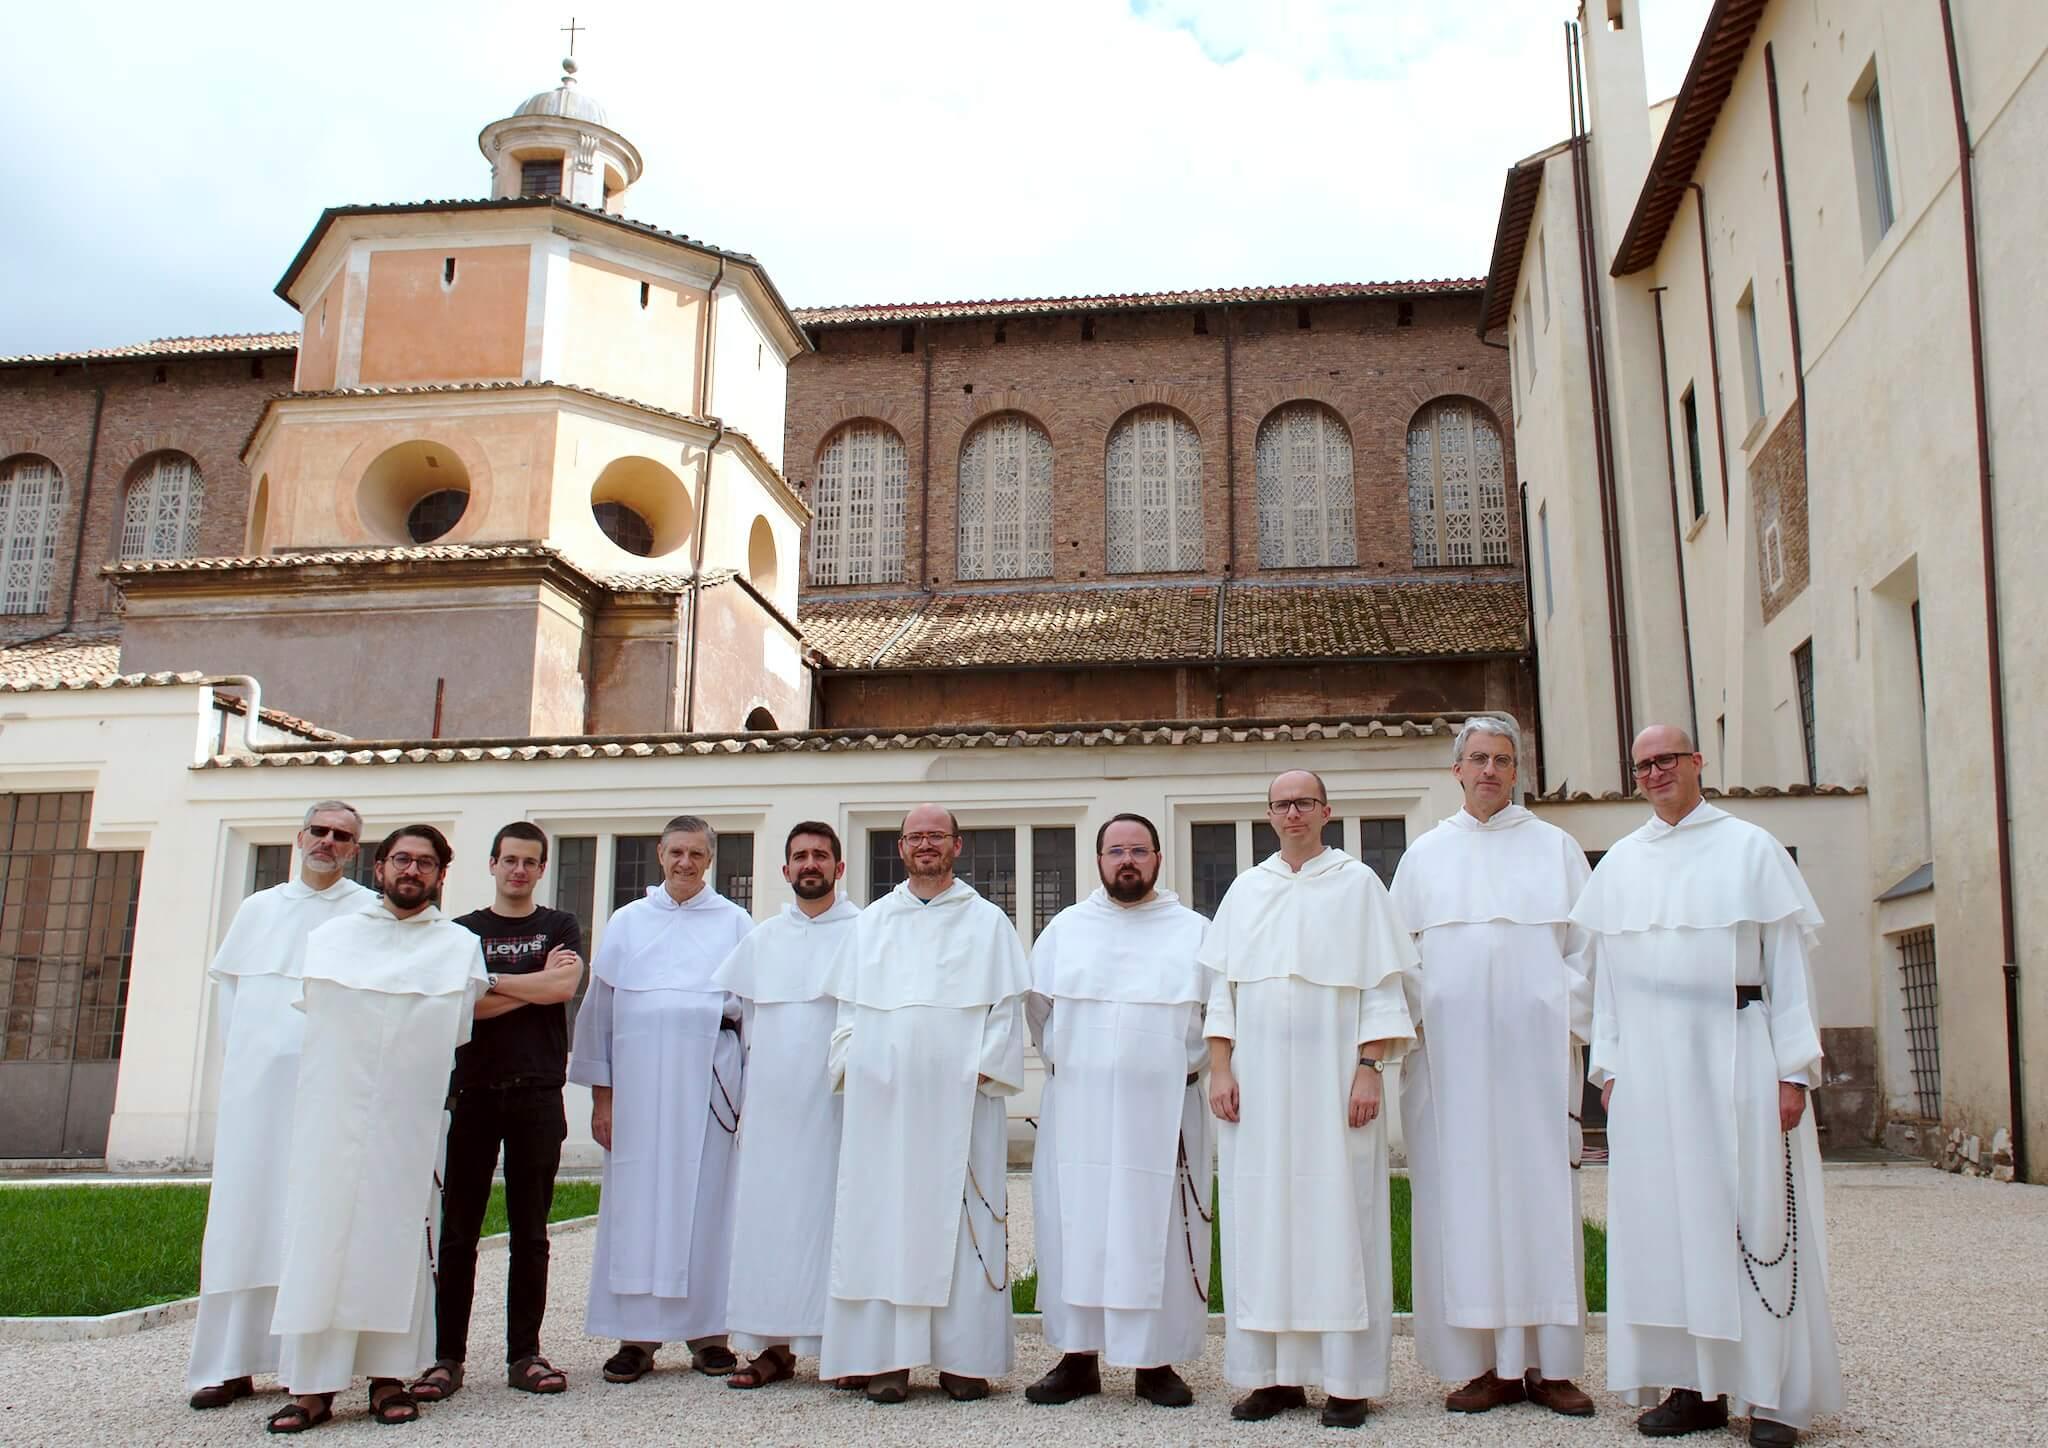 Encuentro de dominicos, estudiantes  de historia, organizado por el Instituto Histórico de la Orden en colaboración con el Archivo General y la Postulación General.